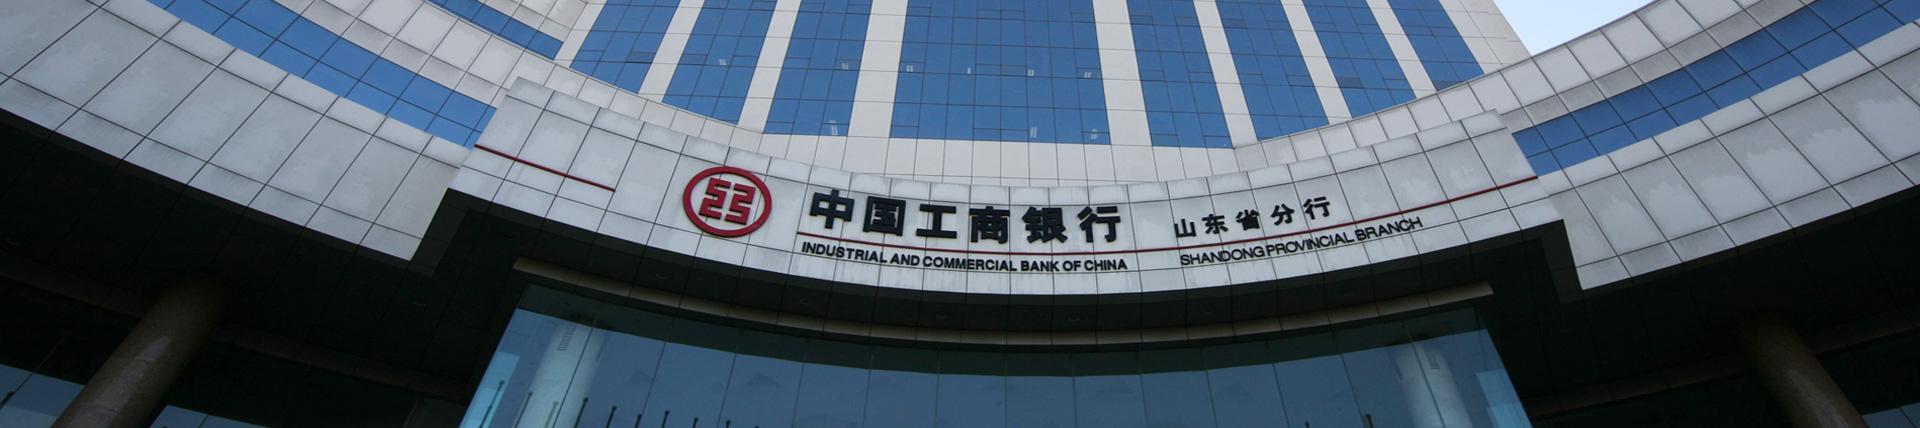 中国工商银行曾欲购ICBC.com,报价1000万美元还是被拒!